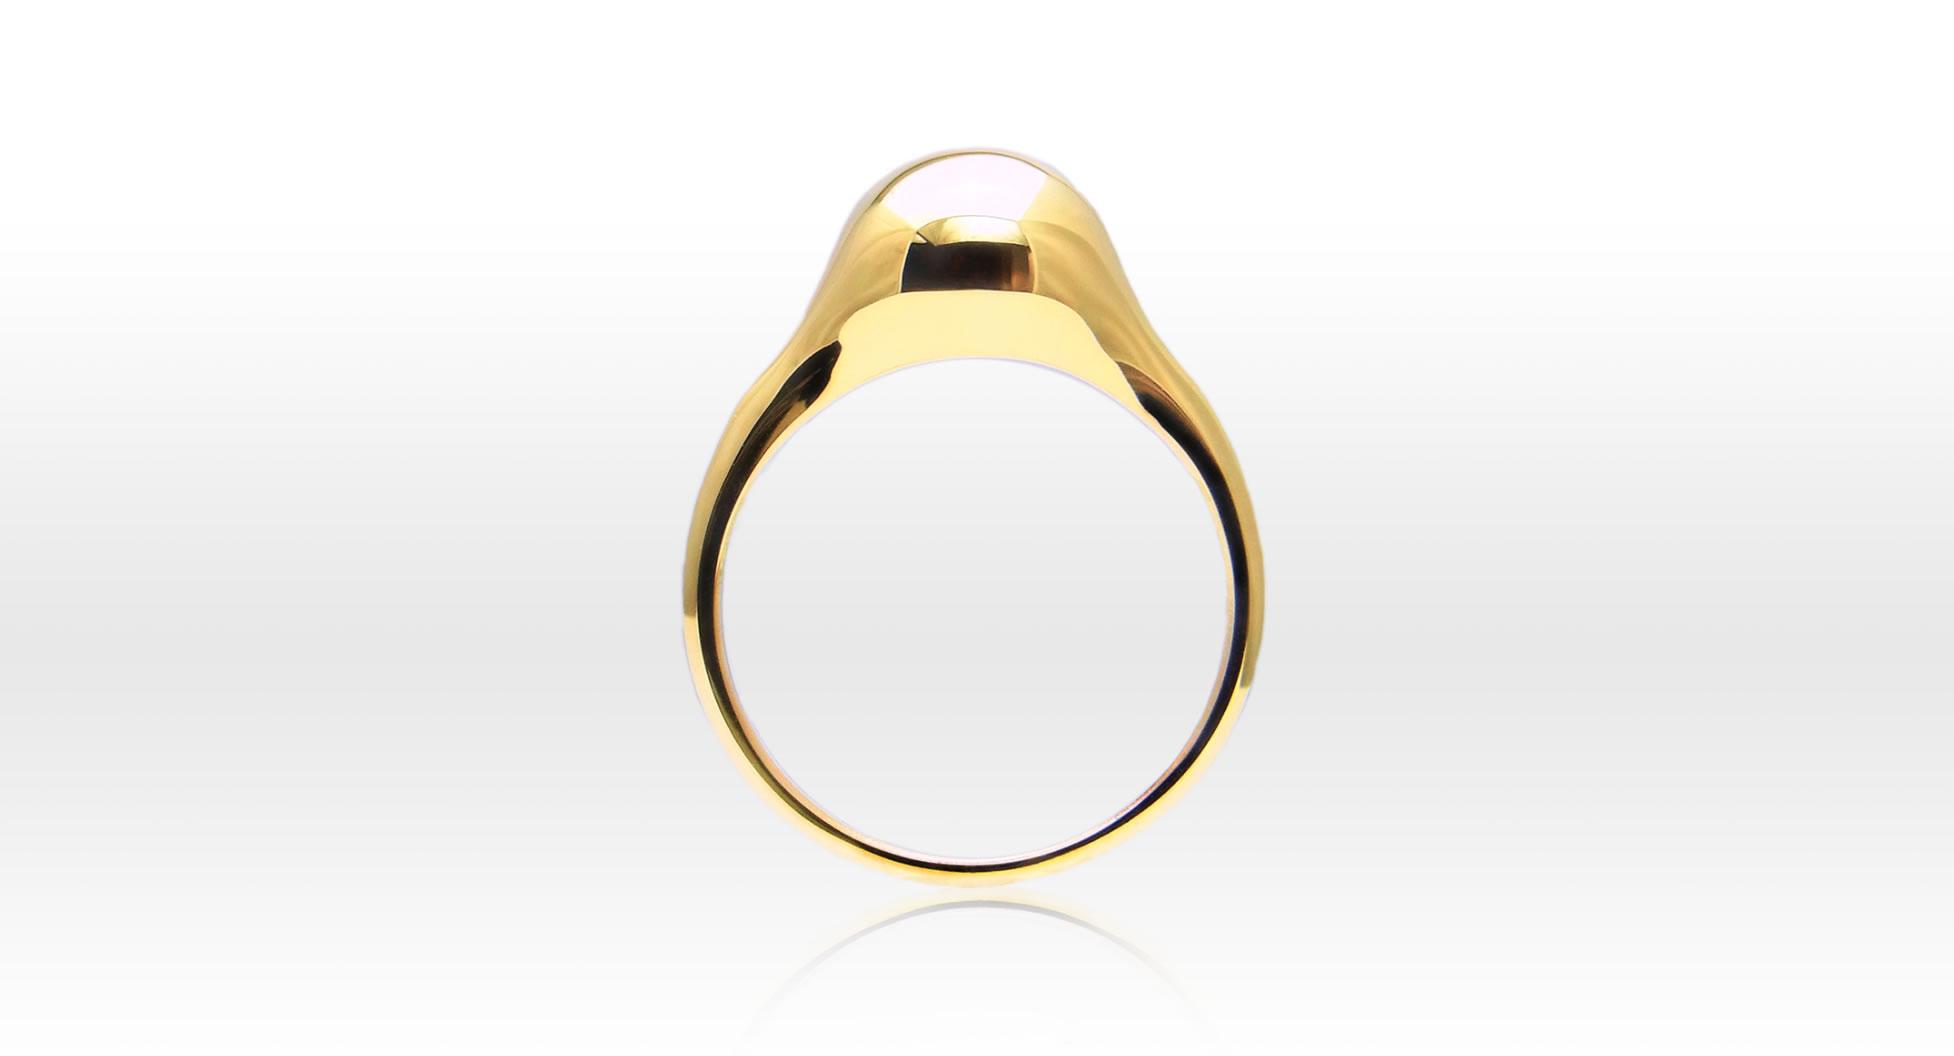 jewelry brand SAKA